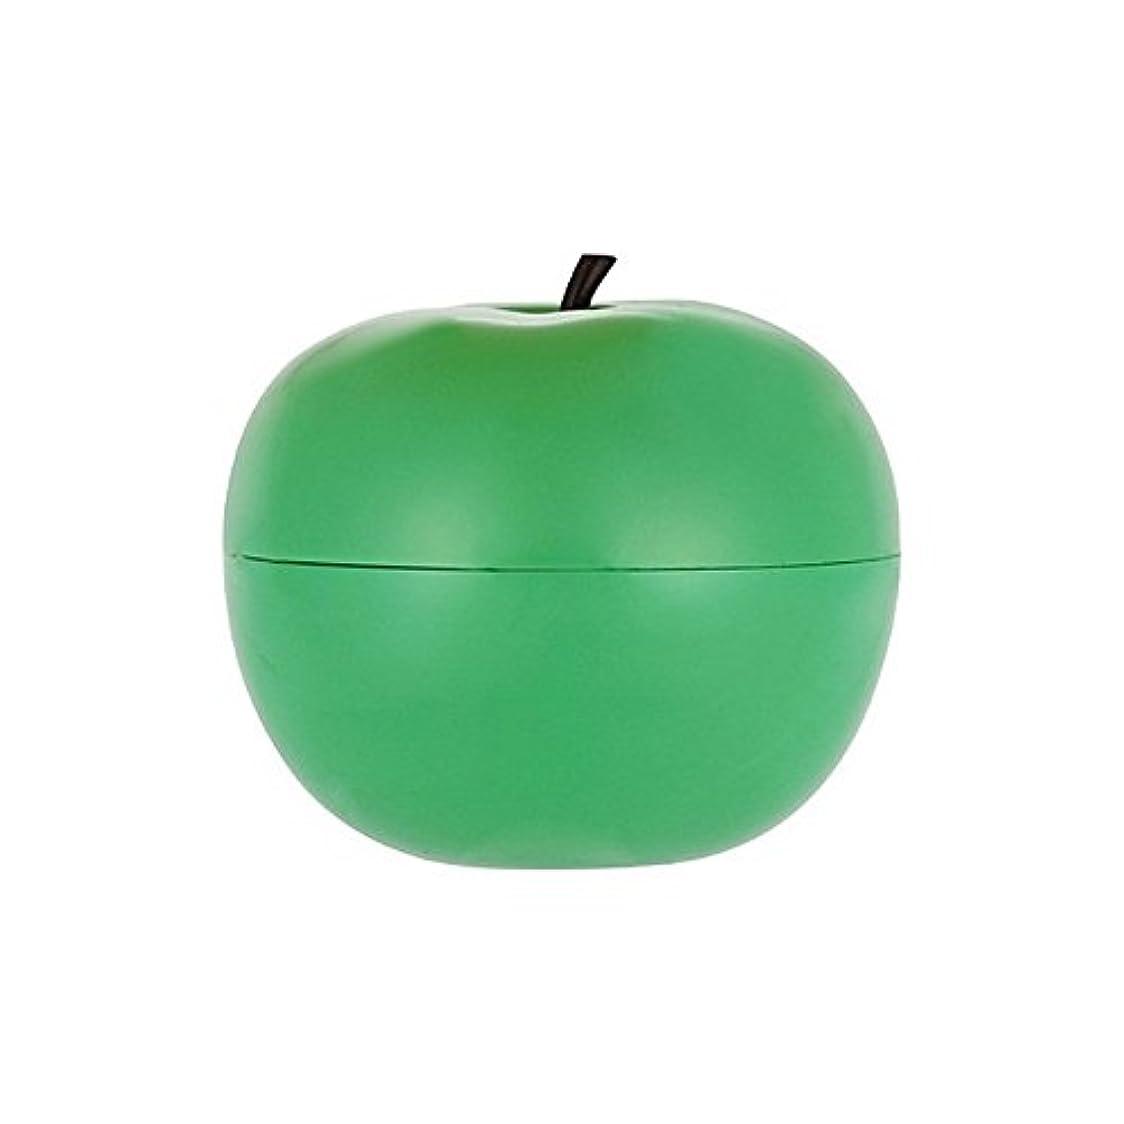 パリティ送る暴露するトニーモリースムーズマッサージピーリングクリーム80グラム x2 - Tony Moly Appletox Smooth Massage Peeling Cream 80G (Pack of 2) [並行輸入品]